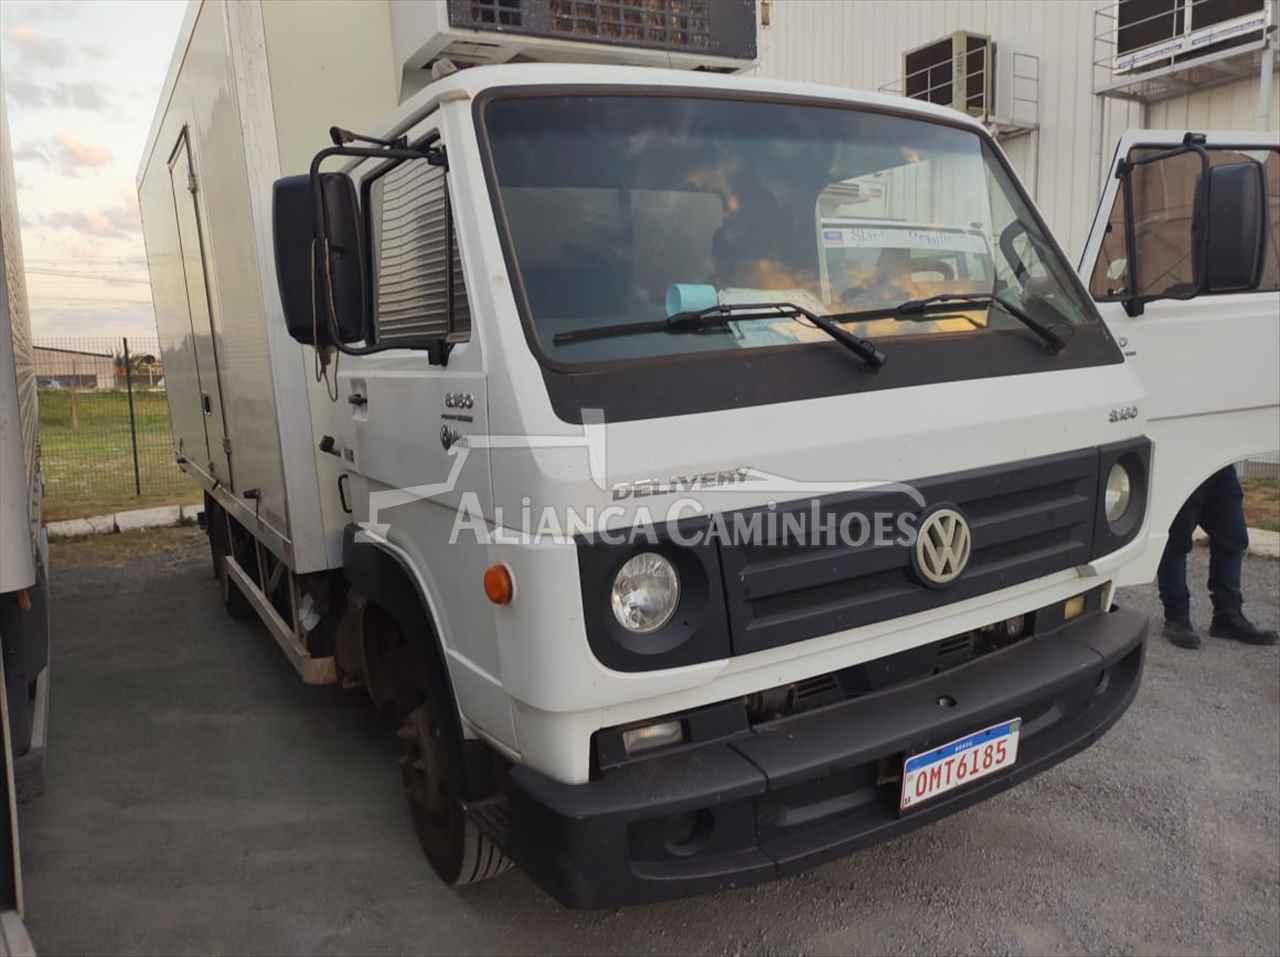 VW 8160 de Aliança Caminhões - LUIS EDUARDO MAGALHAES/BA